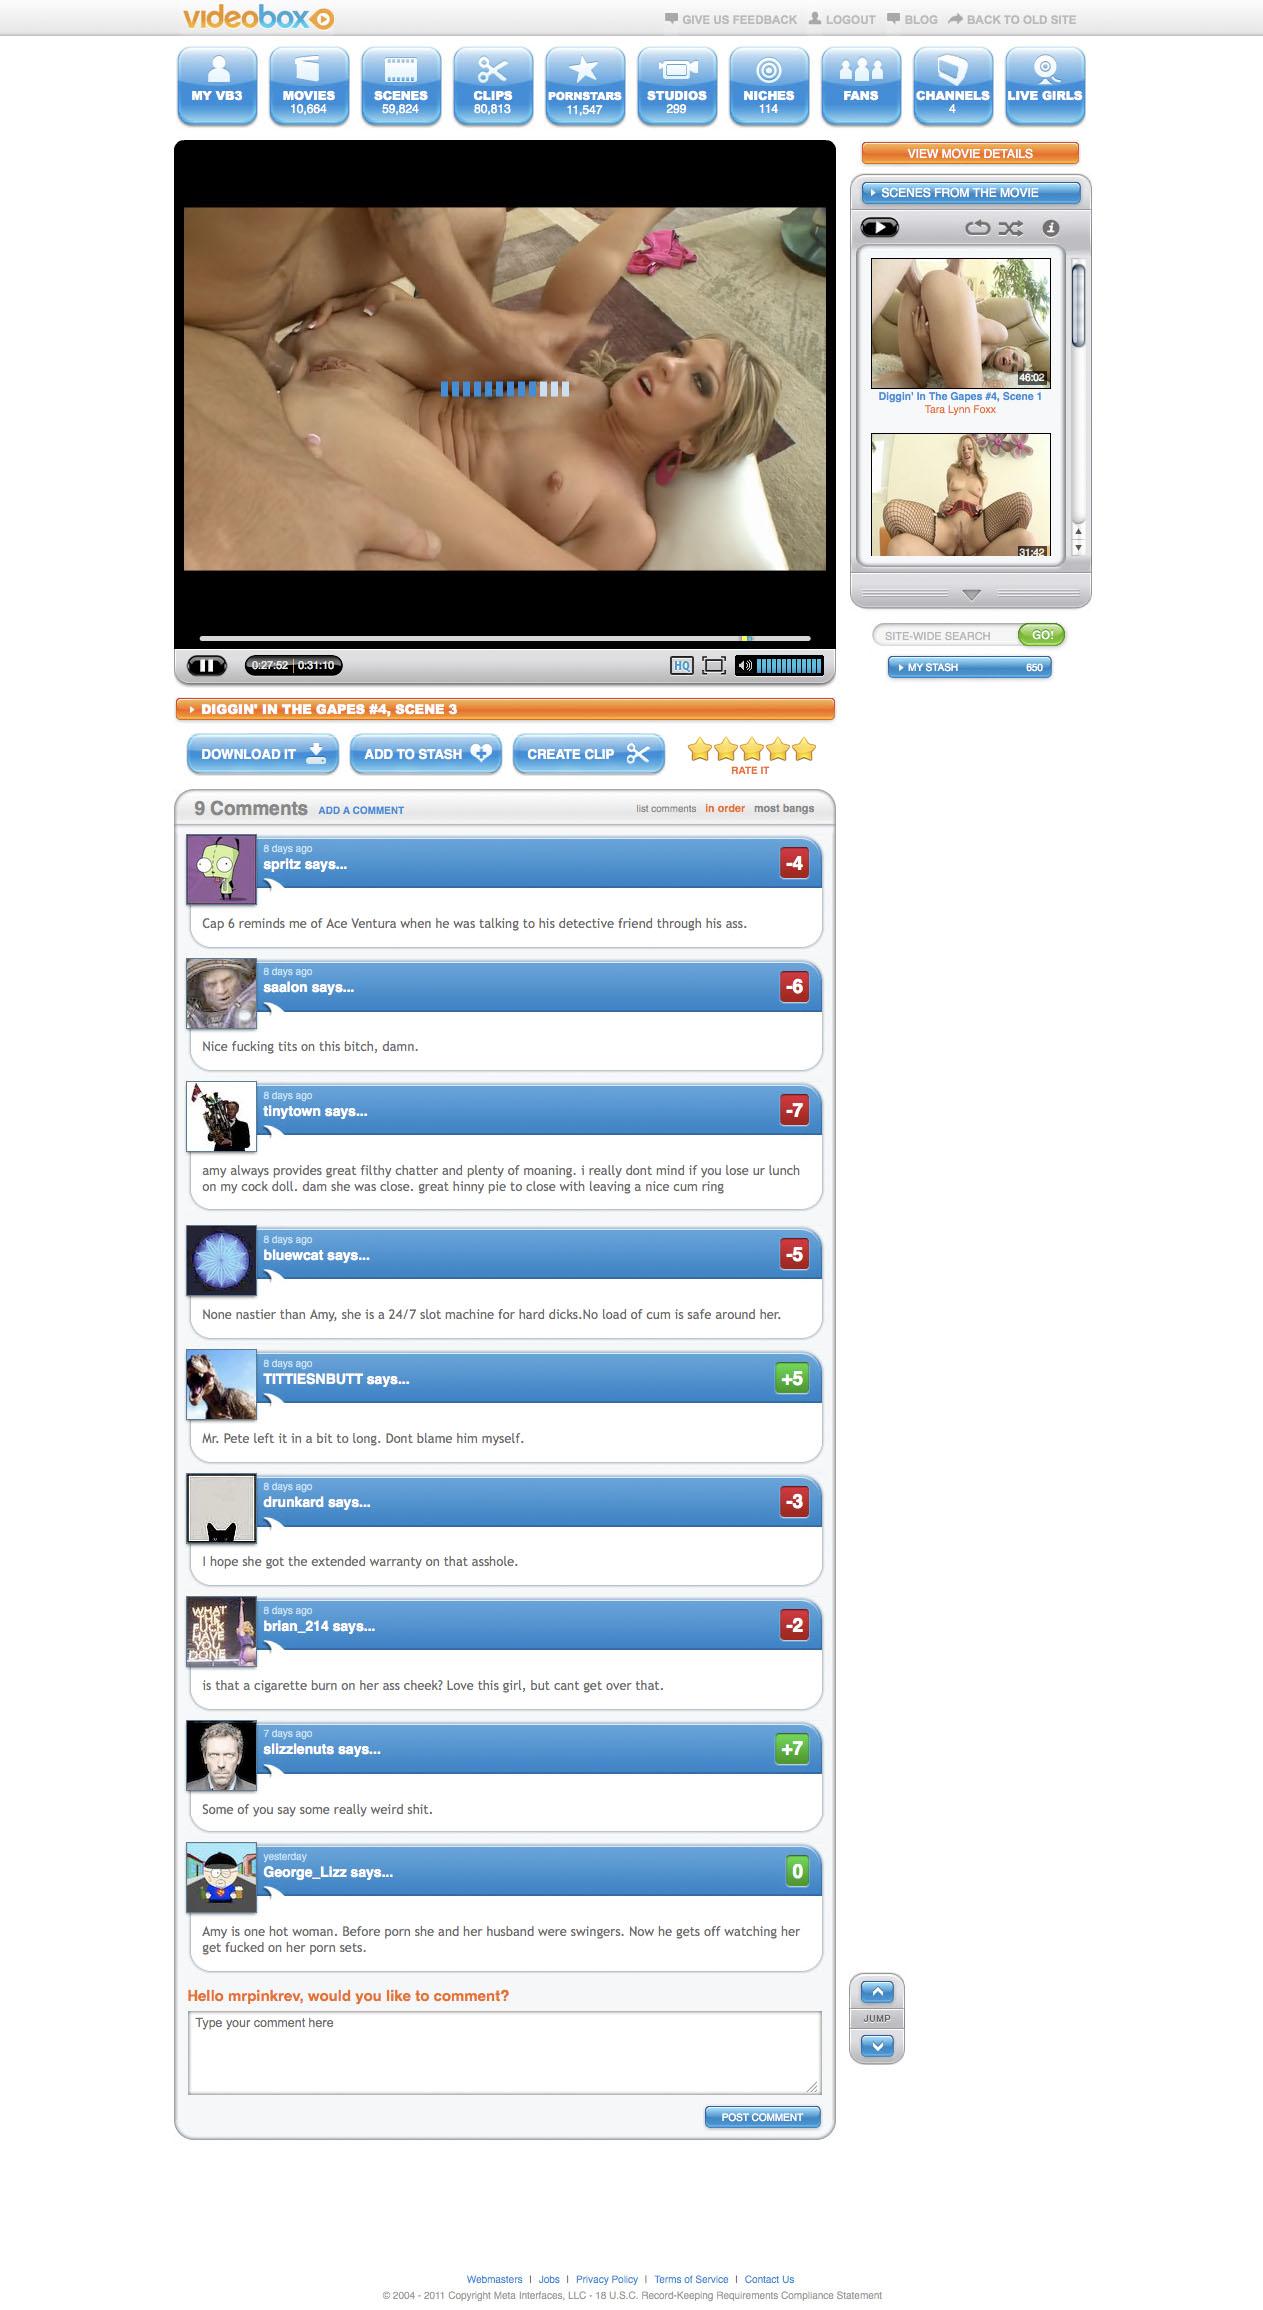 Videobox video page